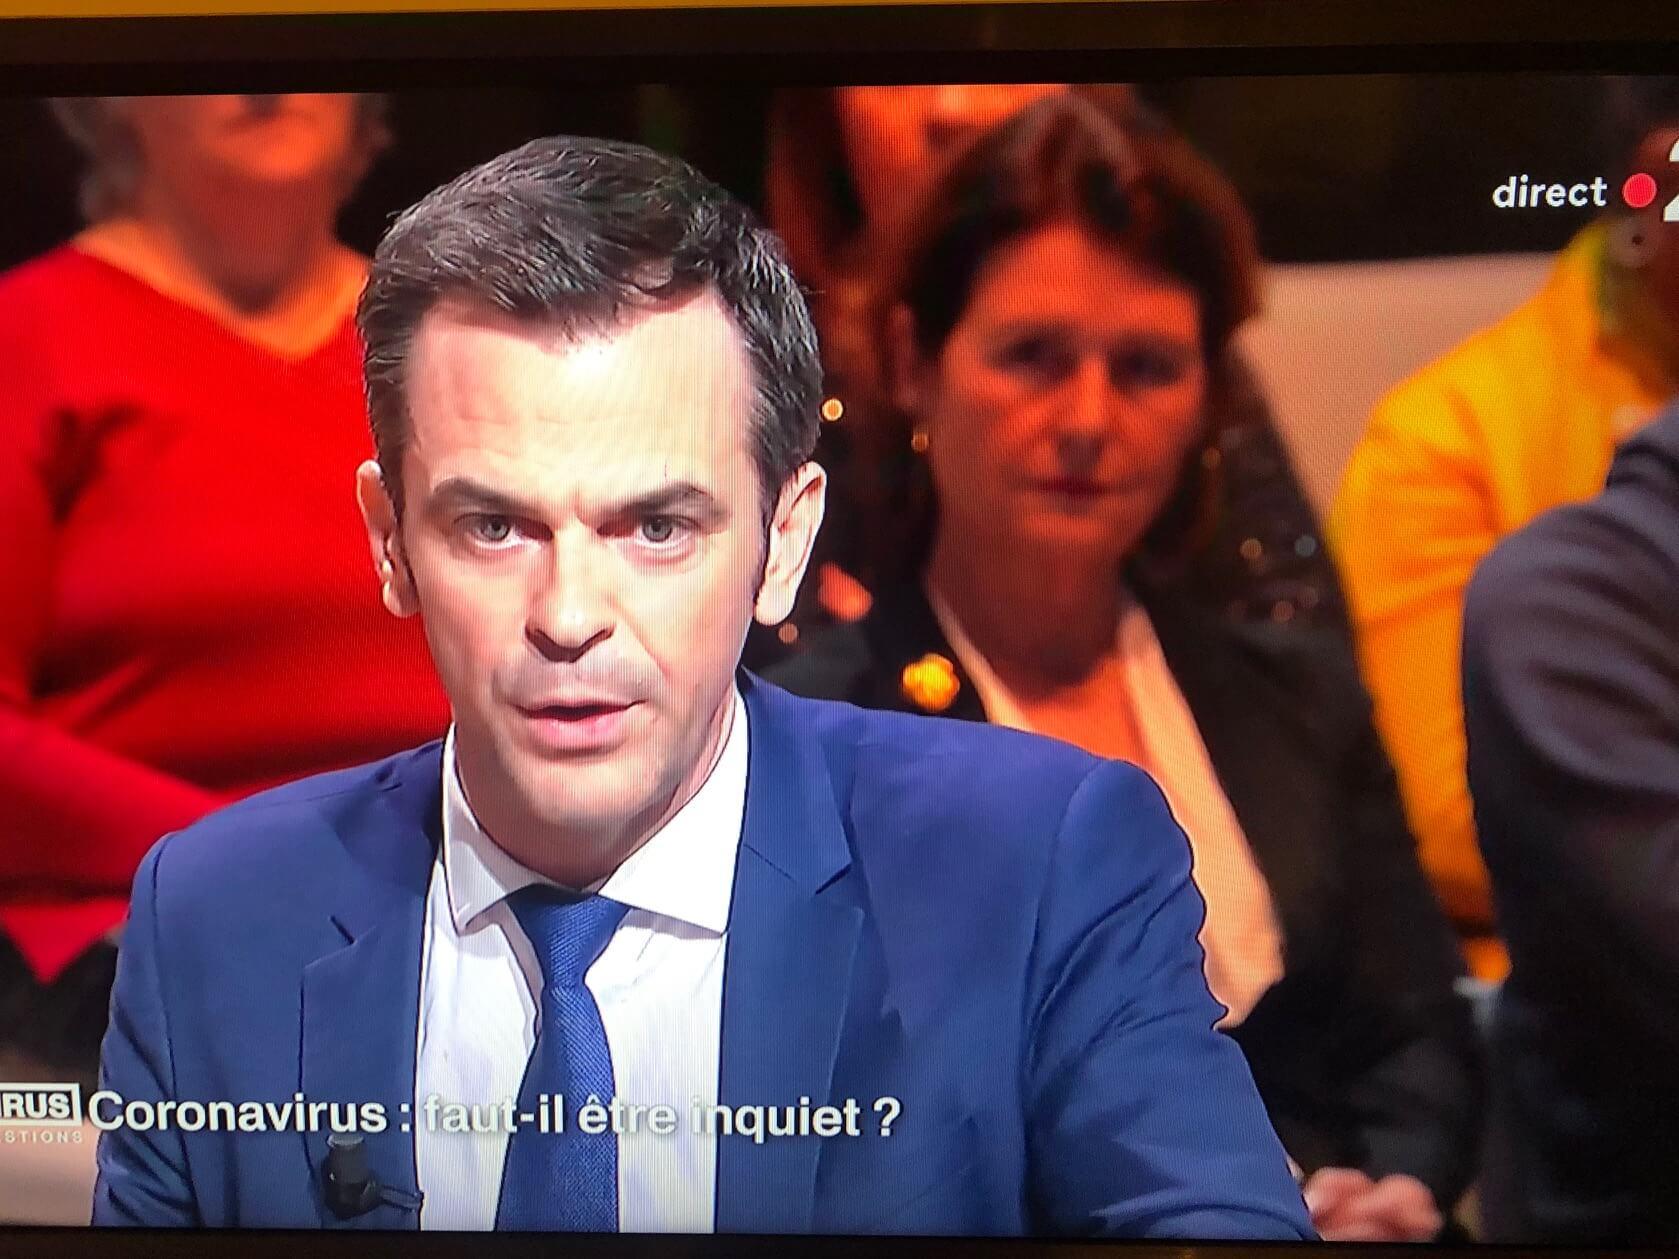 パリ最新情報2、「仏保健大臣、生放送で2時間メモ見ず国民に説明する」